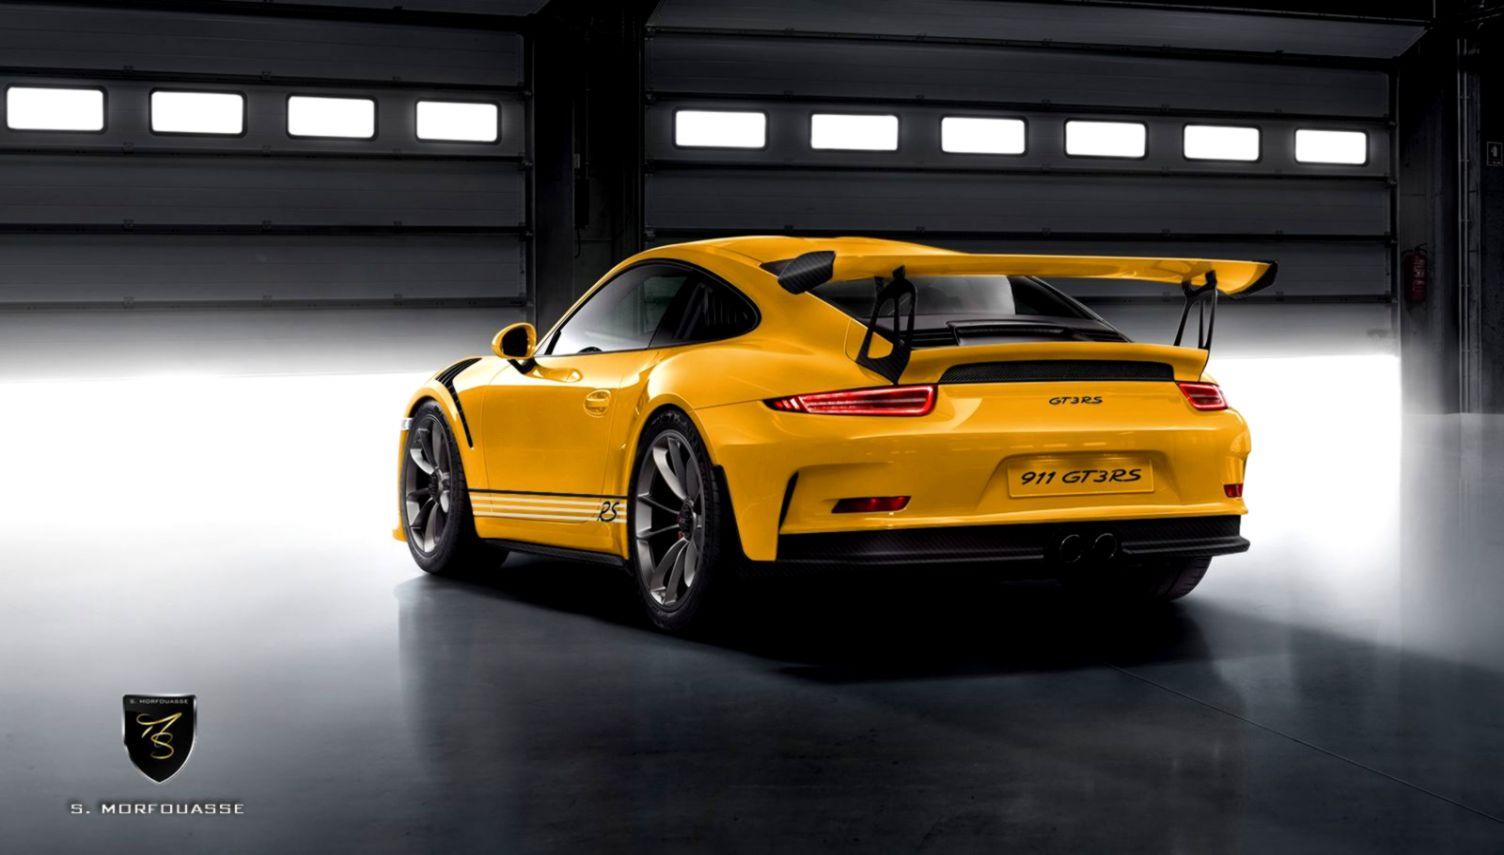 Porsche 911 GT3 RS by Porsche Exclusive Rendered autoevolution